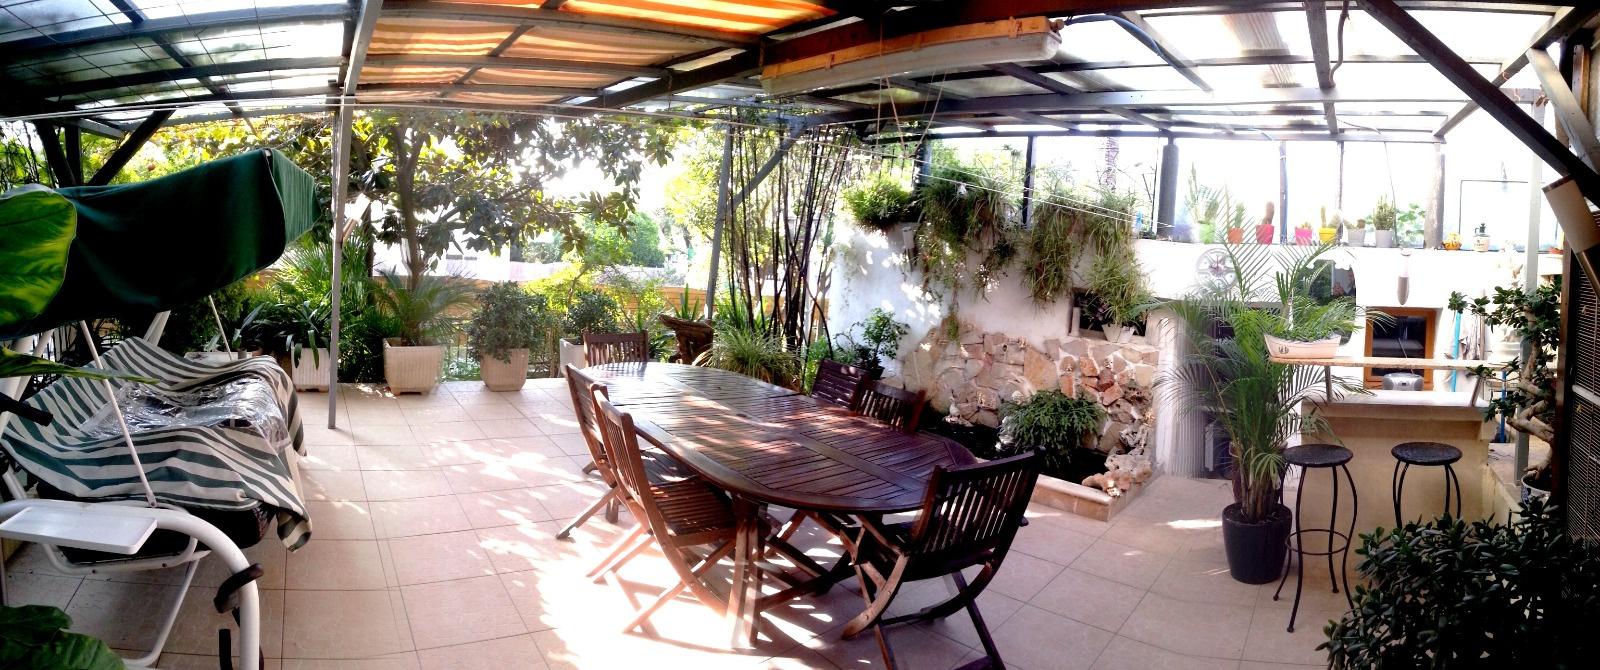 Vente villa sur le toit avec jardin 82m antibes for Antibes restaurant le jardin